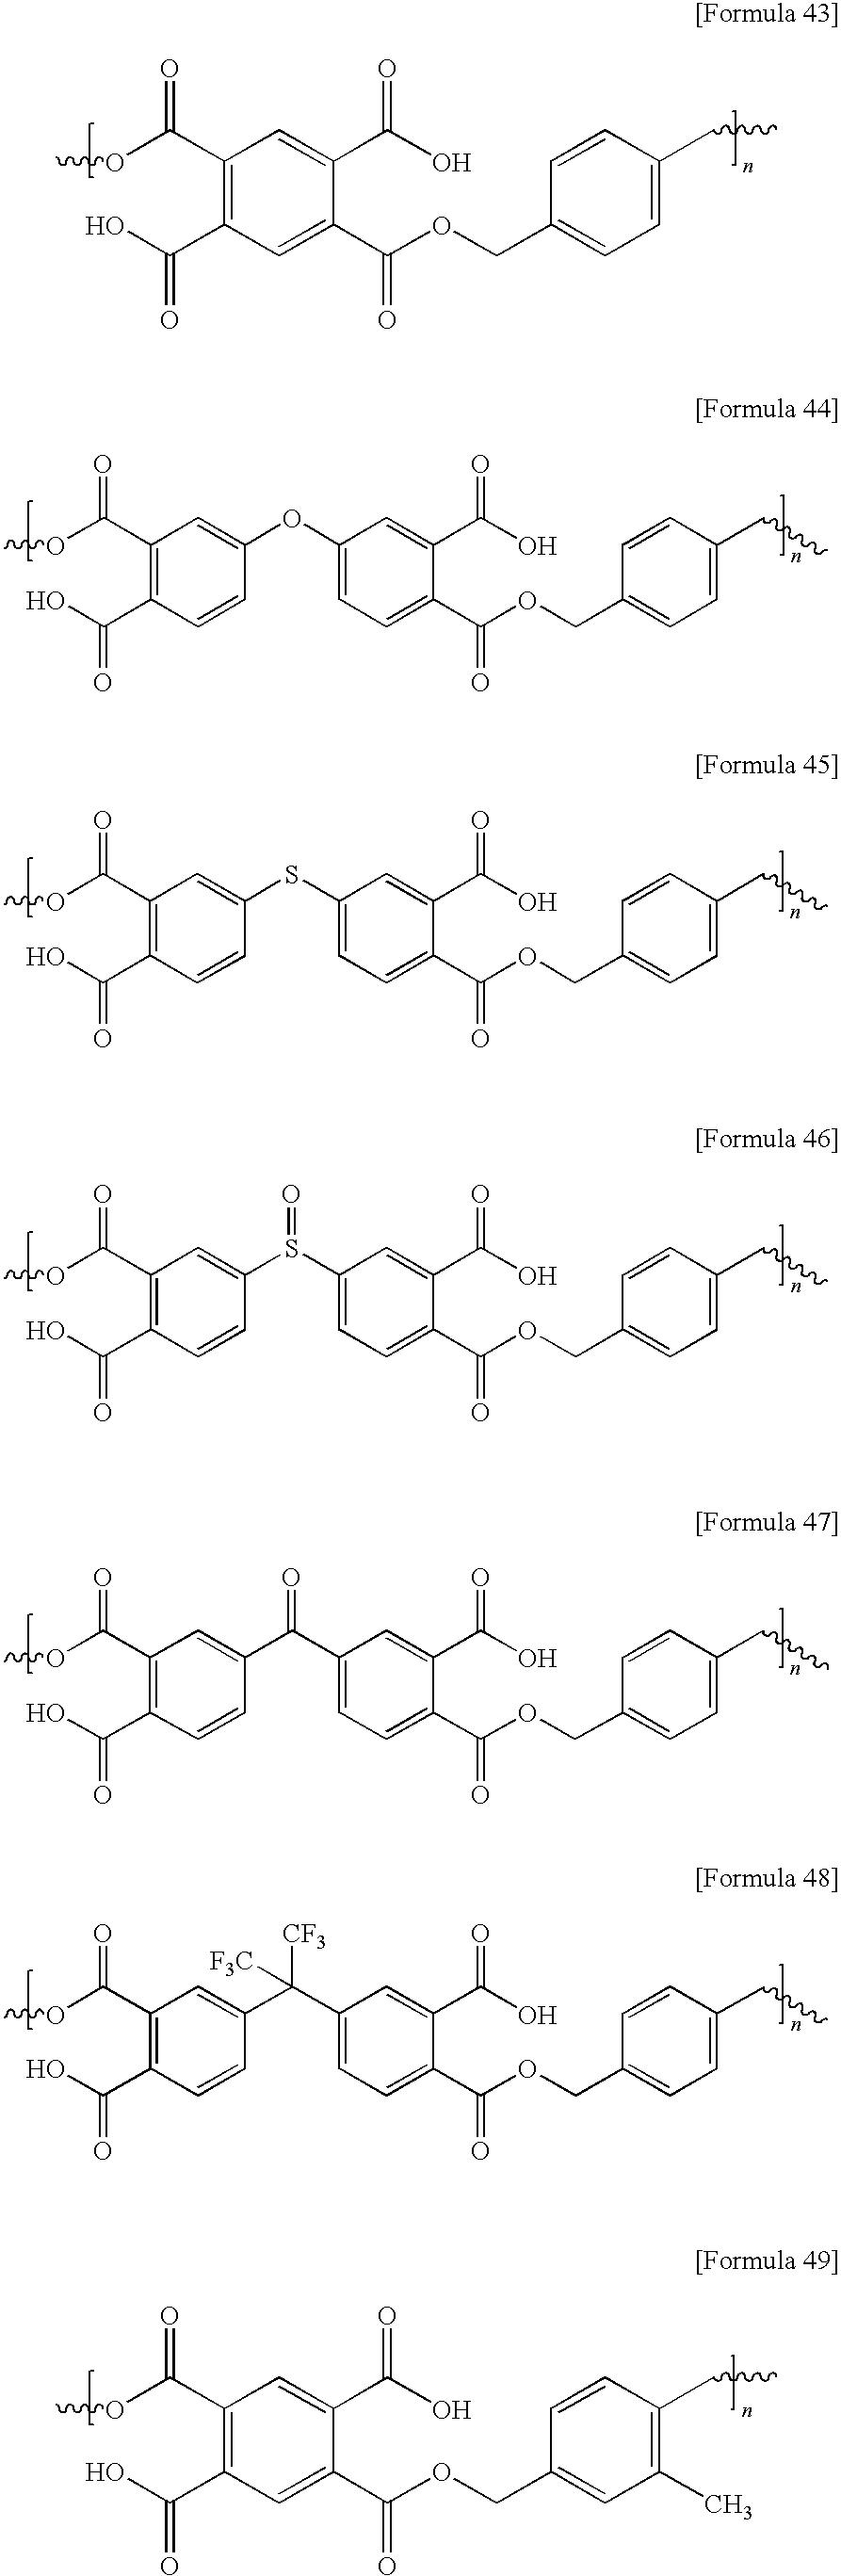 Figure US20100055408A1-20100304-C00020